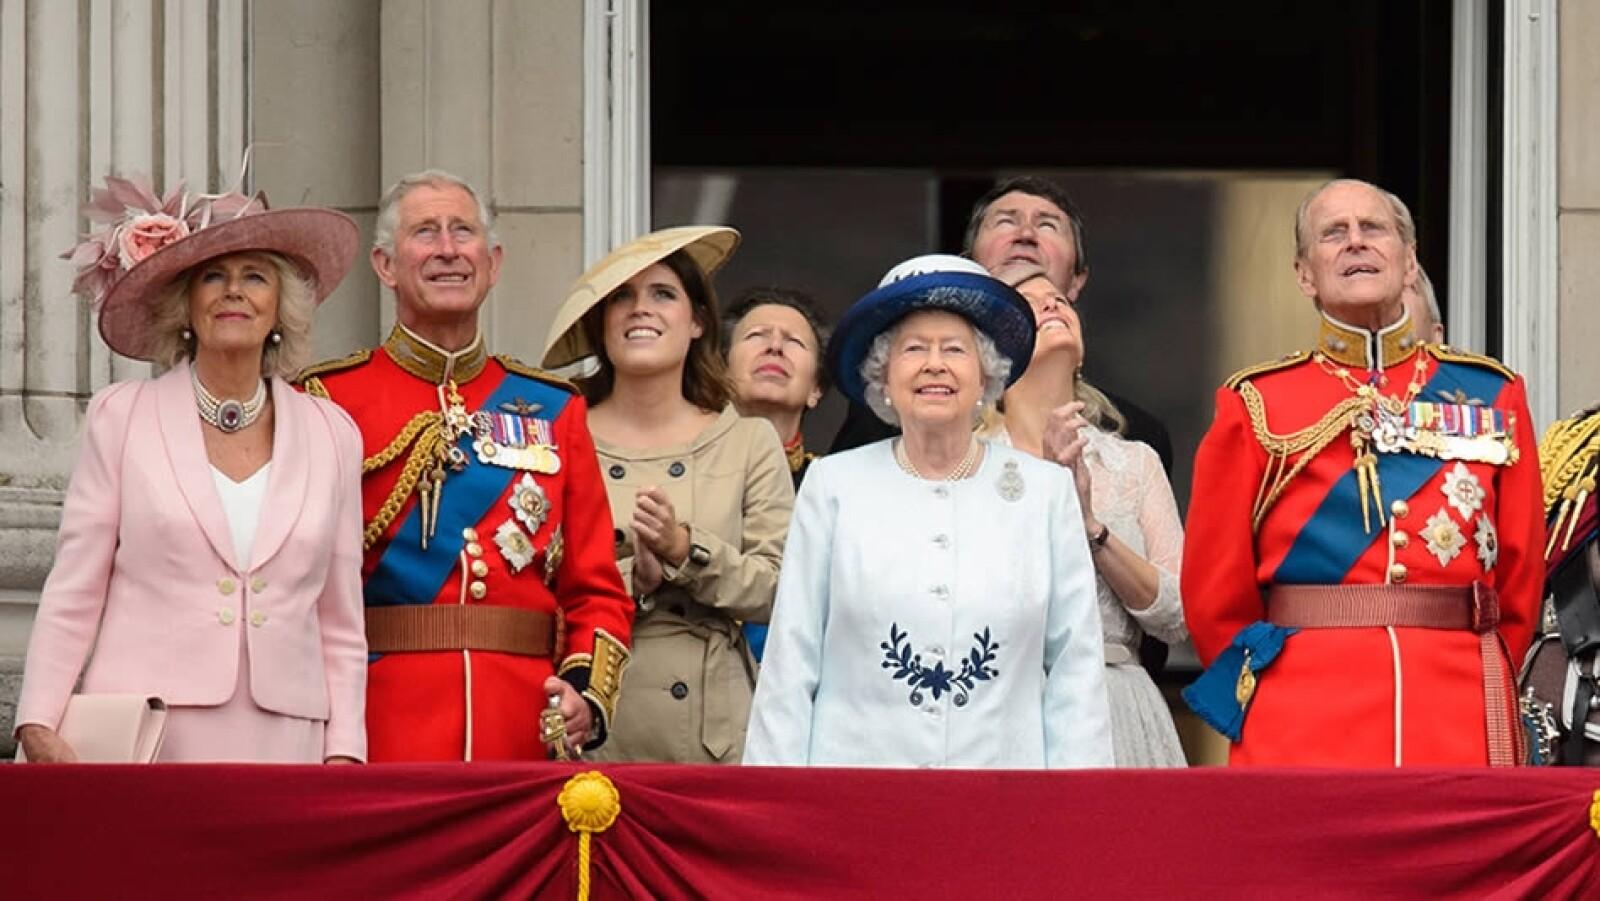 monarquía de reino unido